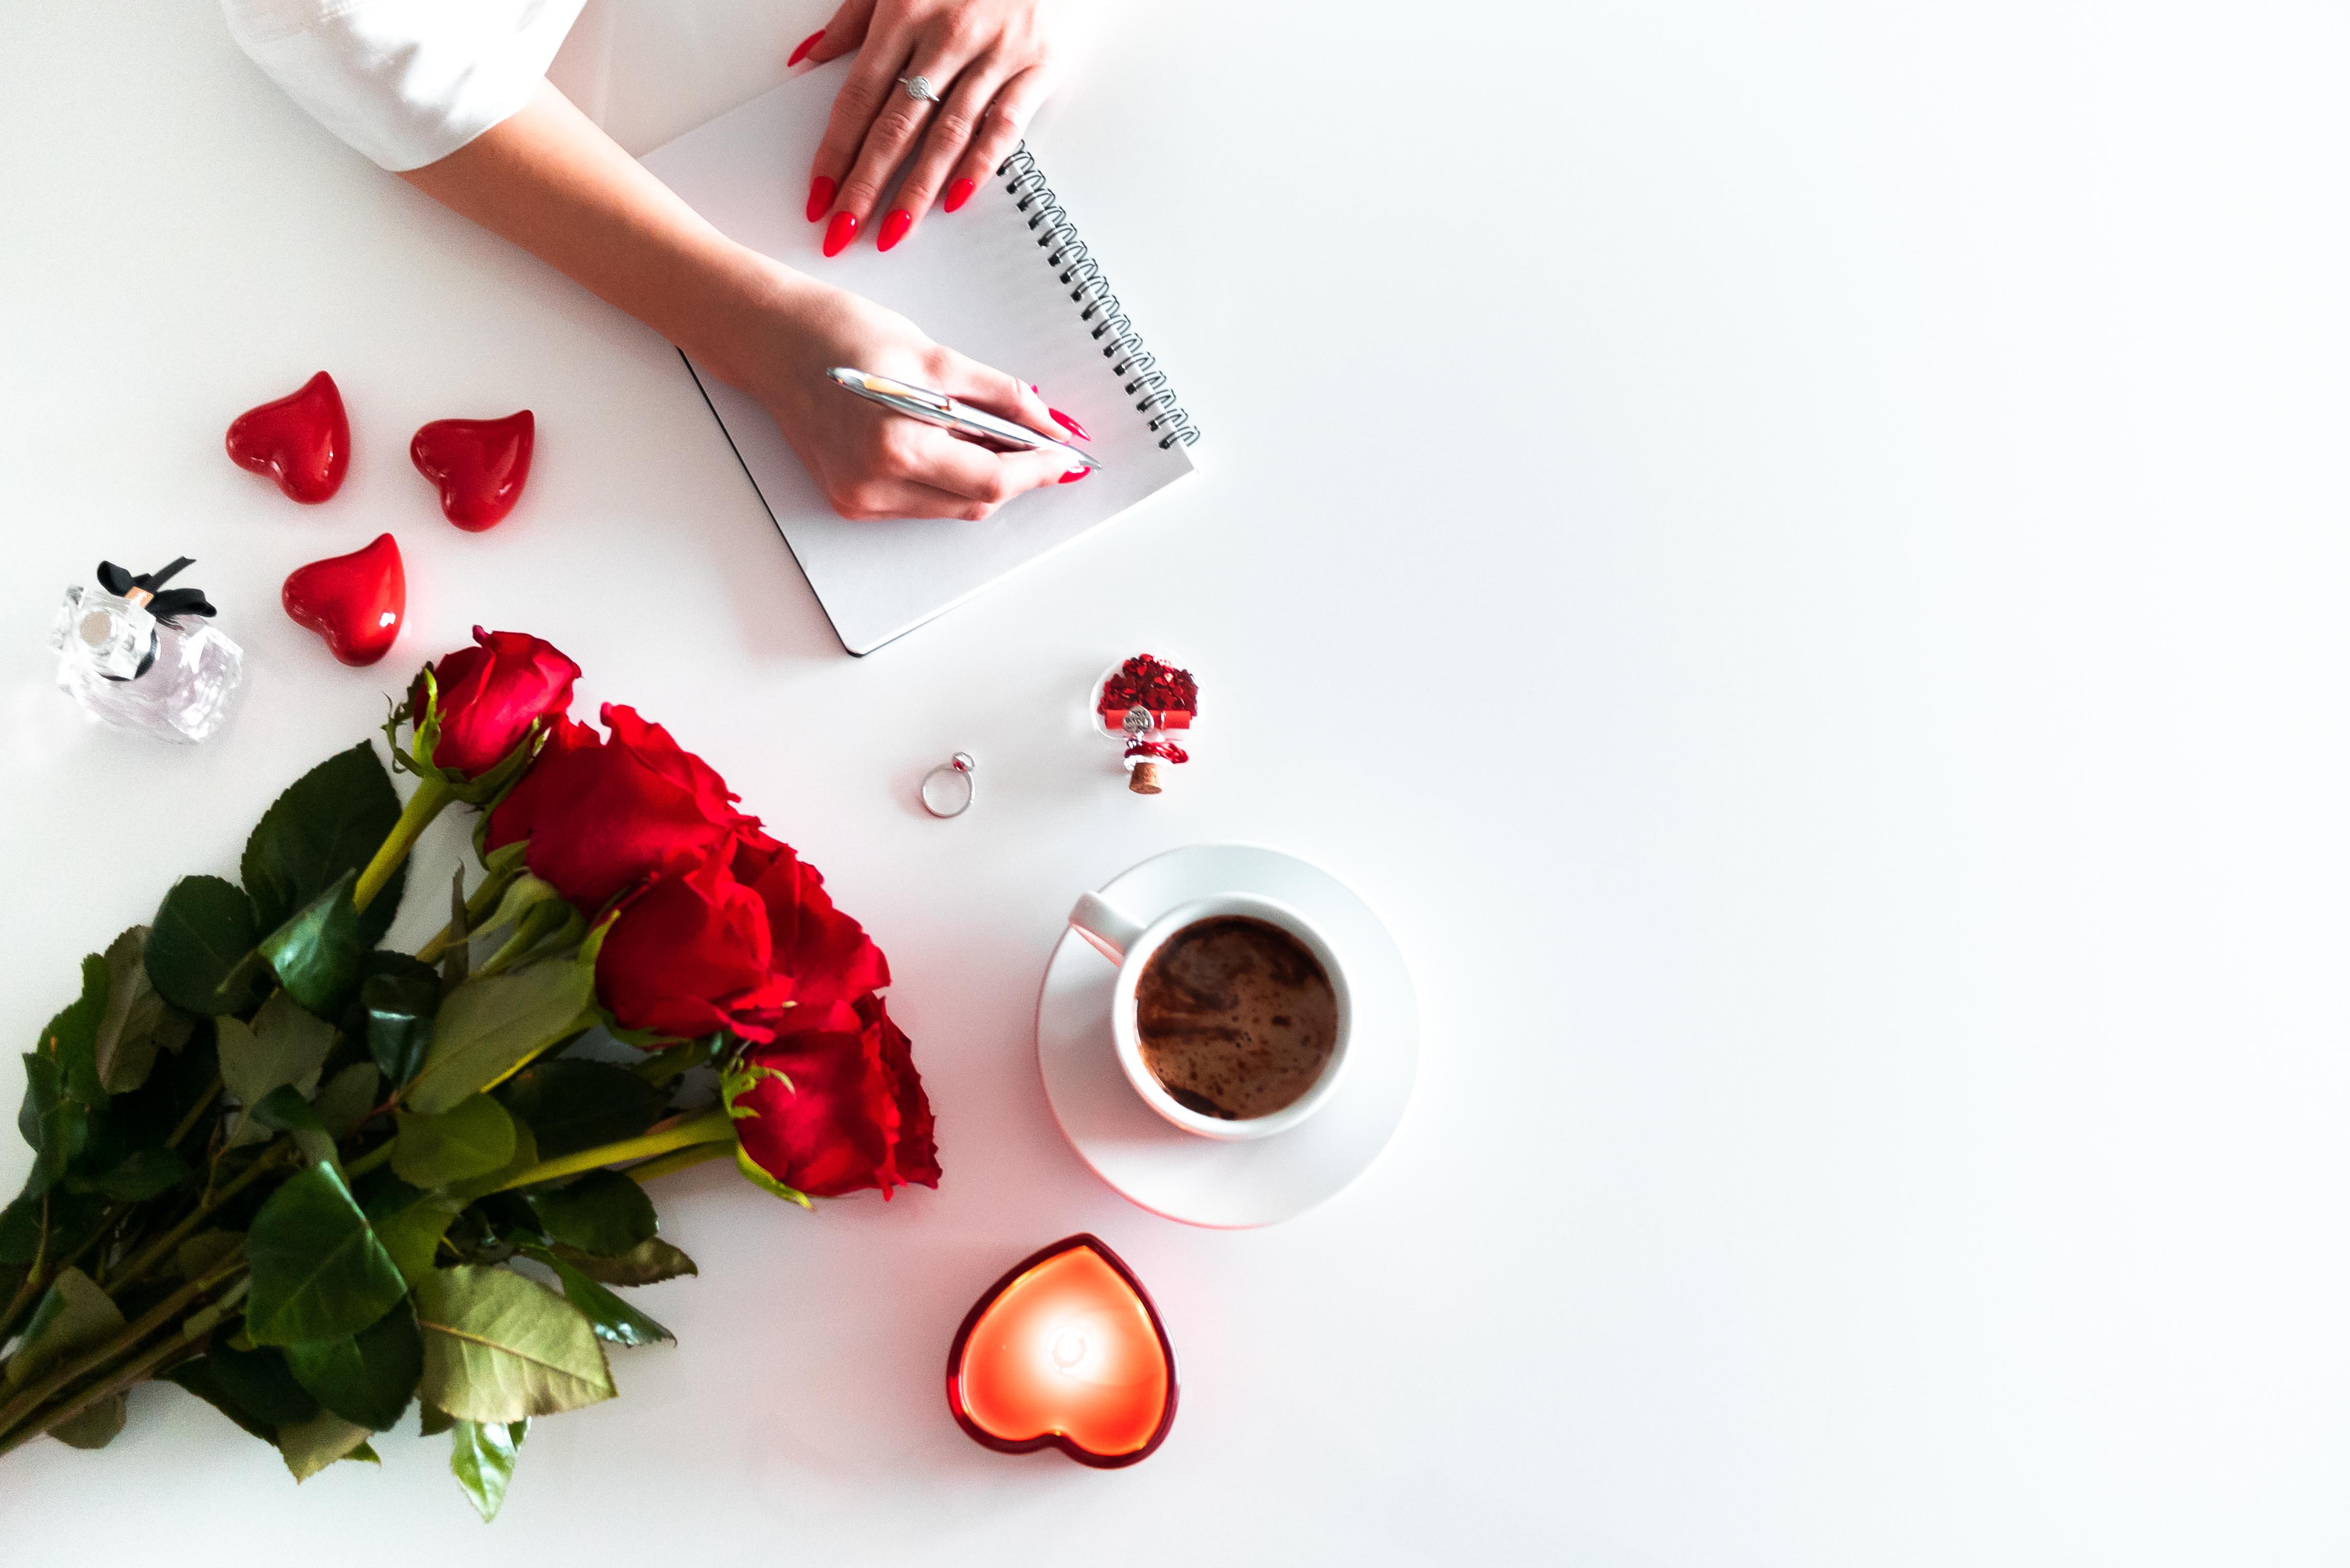 Tipy na dárky pro ženy k 50. narozeninám